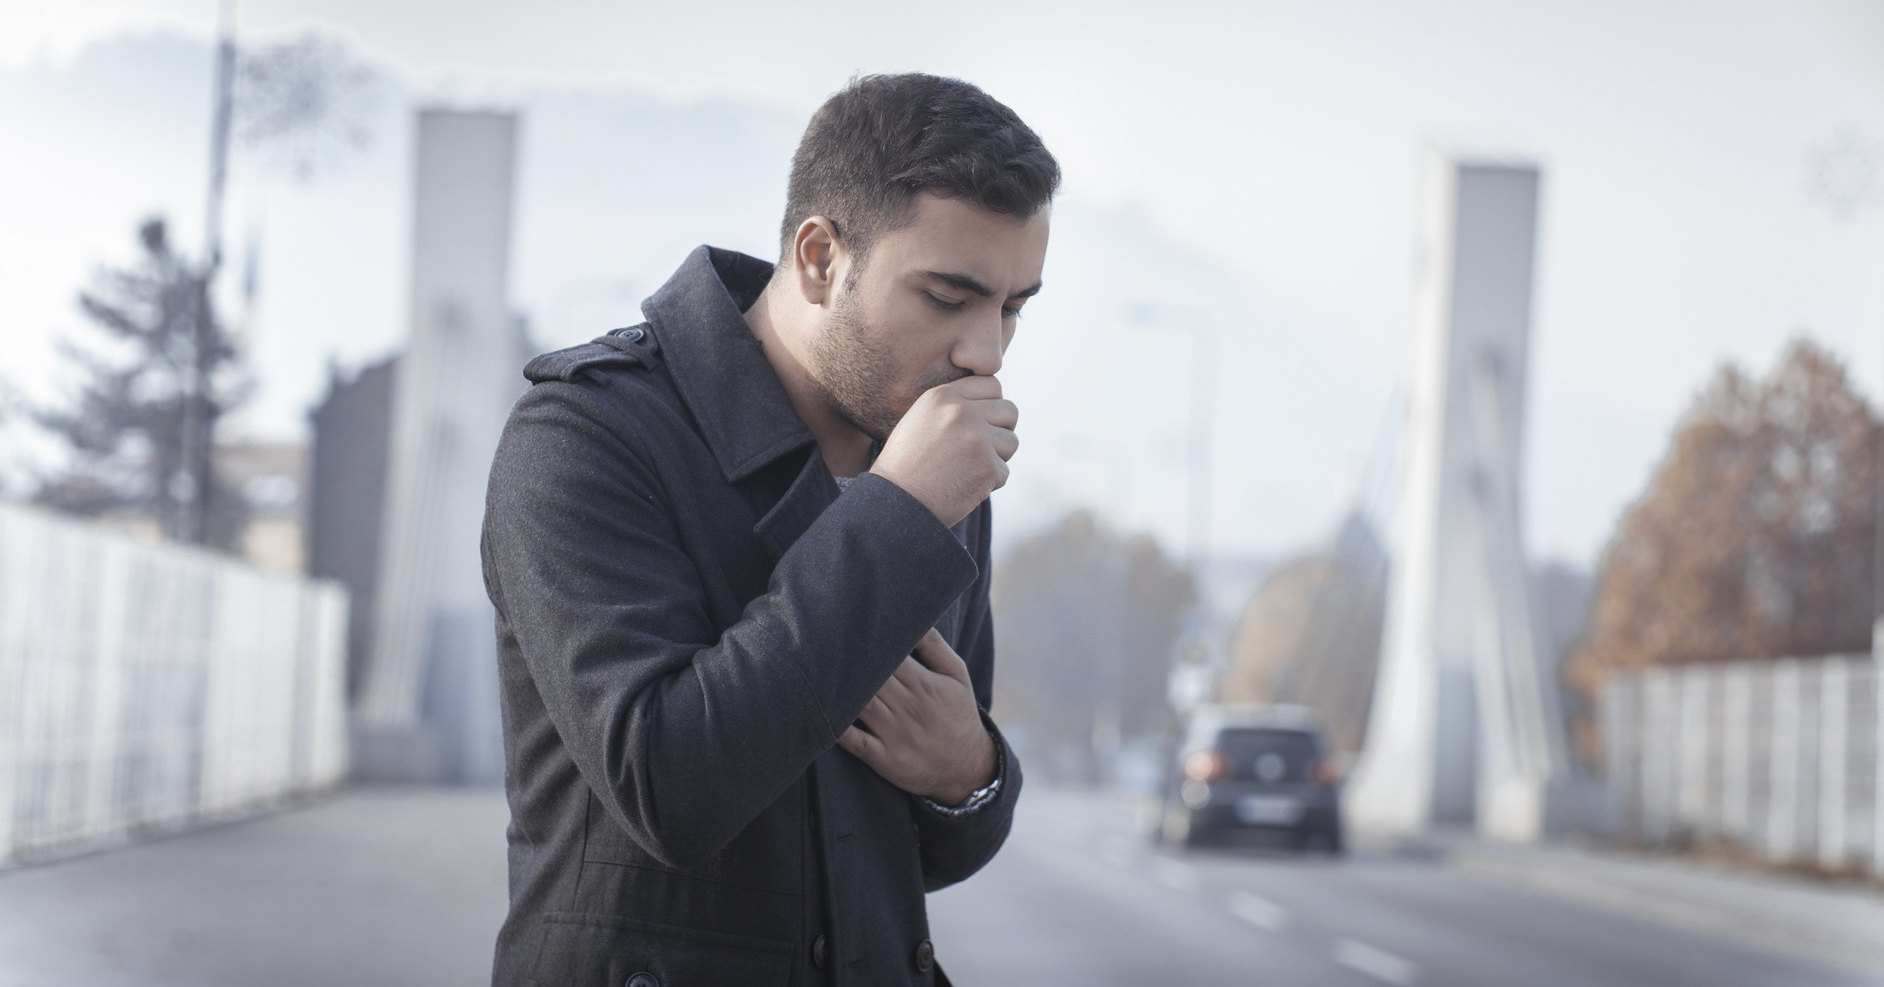 Эпиляция гортани спасла мужчину от кашля